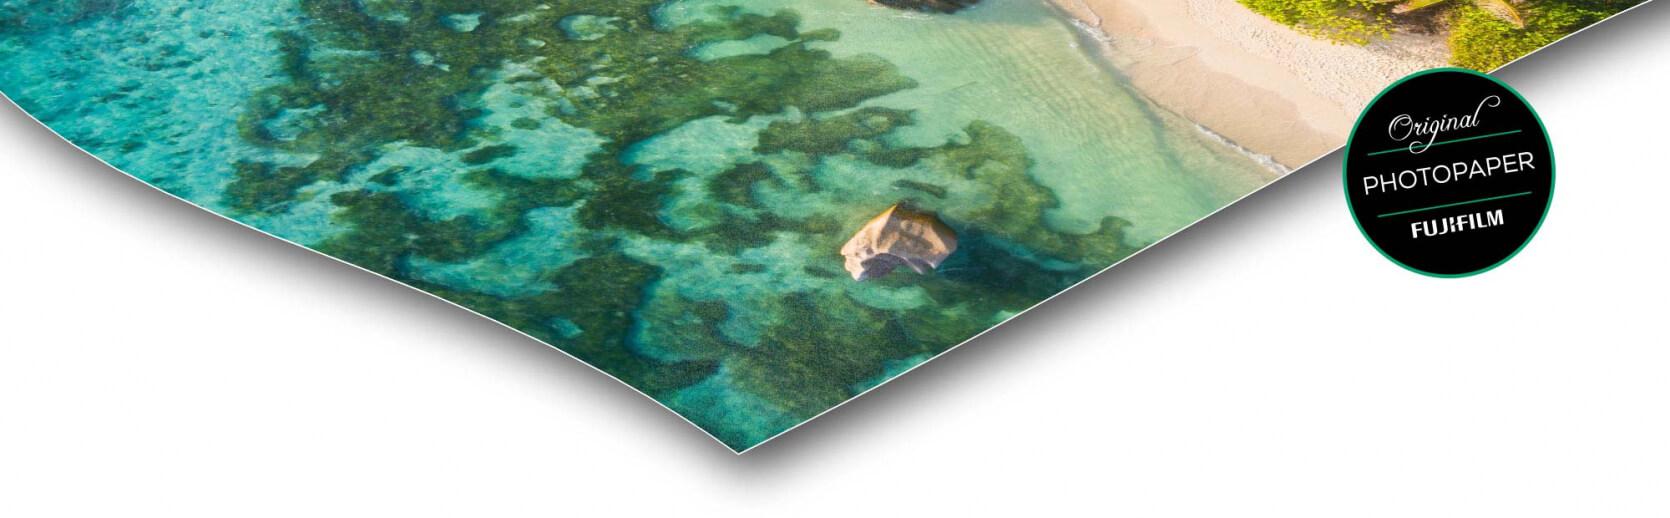 fotopapier foto op forex mat